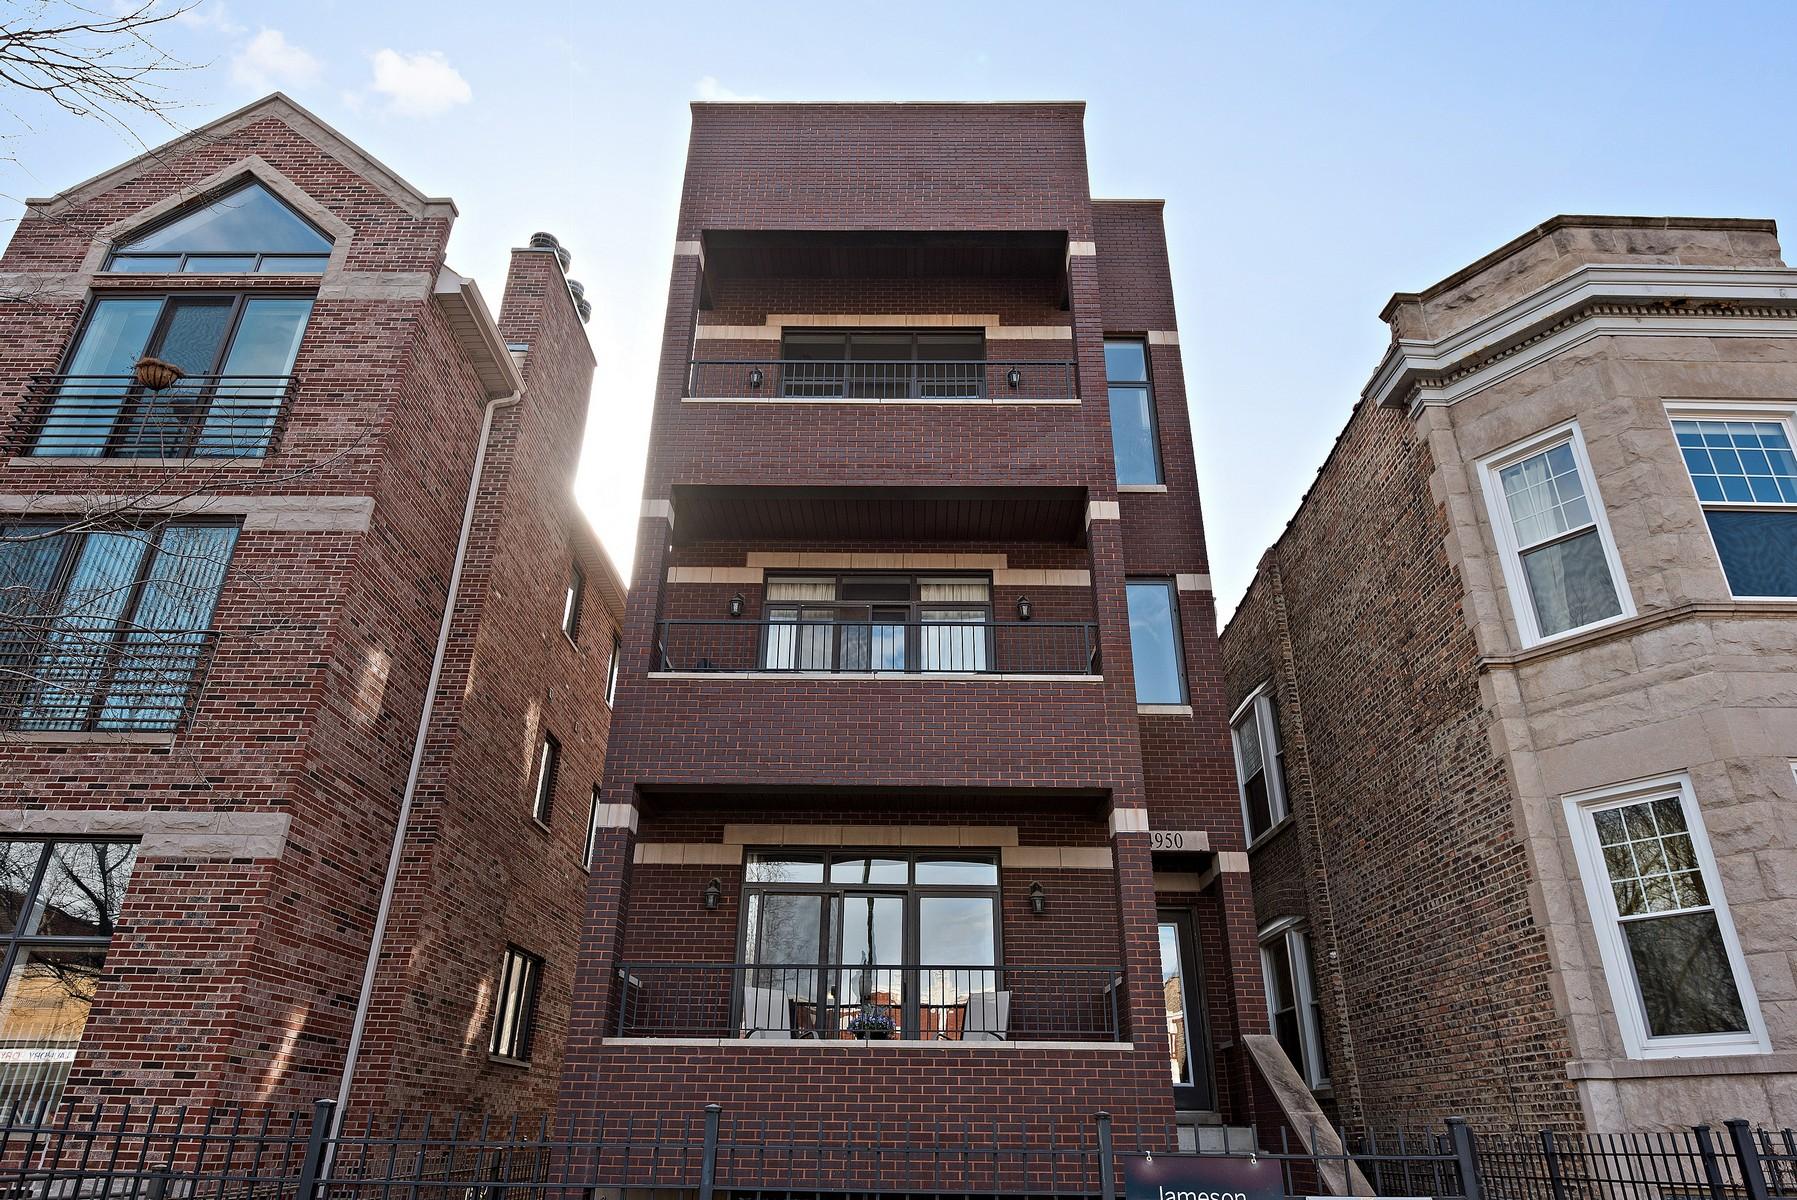 단독 가정 주택 용 매매 에 Stunning Lincoln Square Duplex 4950 N Damen Avenue Unit 1 Lincoln Square, Chicago, 일리노이즈, 60625 미국